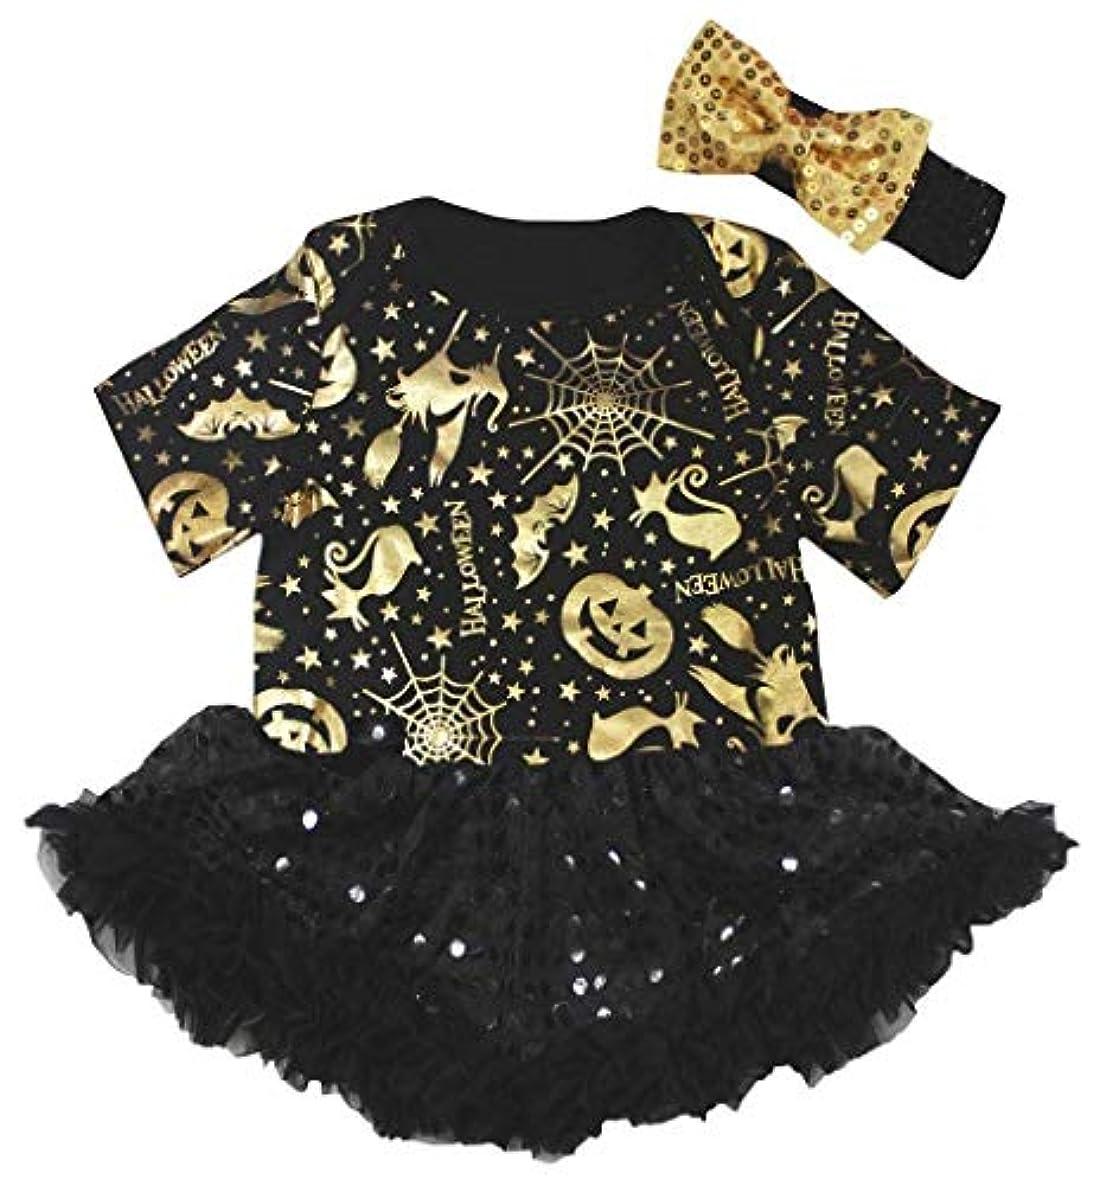 アクセシブルティッシュシーン[キッズコーナー] ハロウィン プレーン ブラック ゴールド パンプキン 子供ボディスーツ、子供のチュチュ、ベビー服、女の子のワンピースドレス Nb-18m (ブラック, X-Large) [並行輸入品]